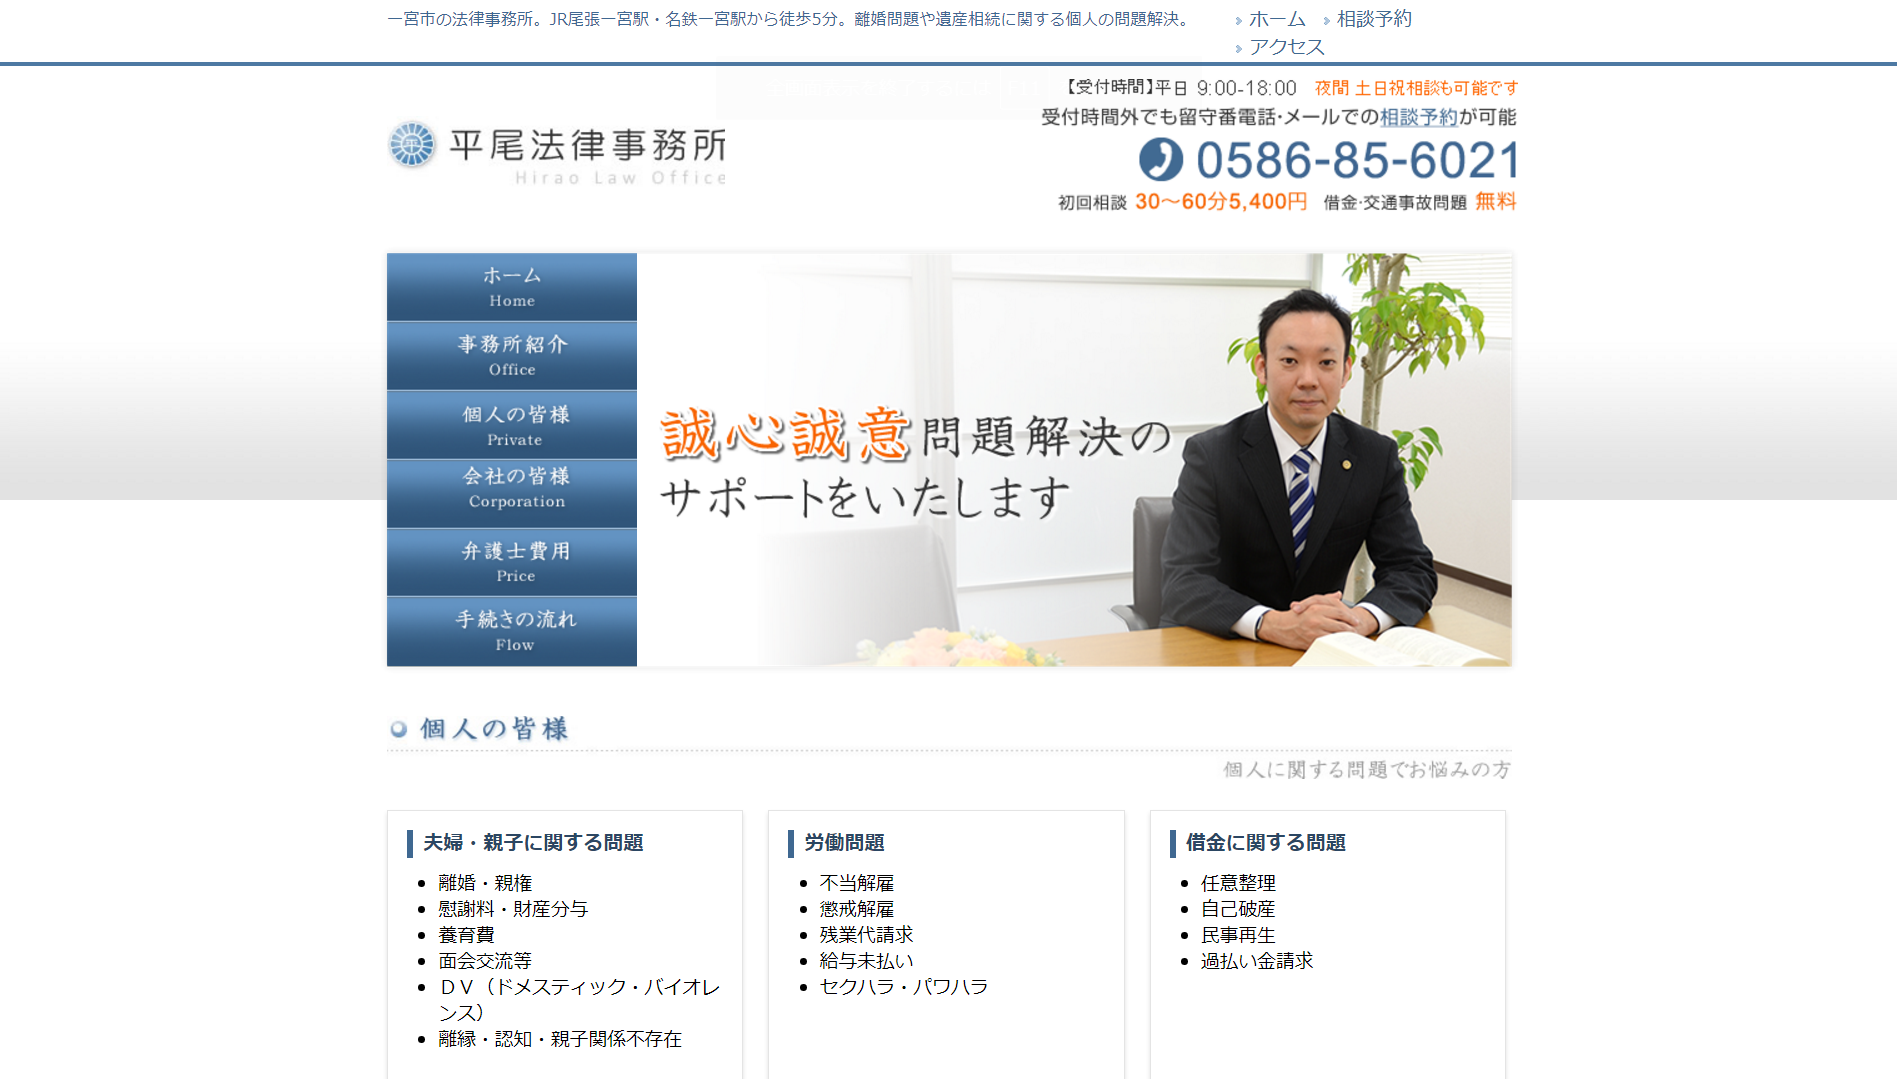 平尾法律事務所